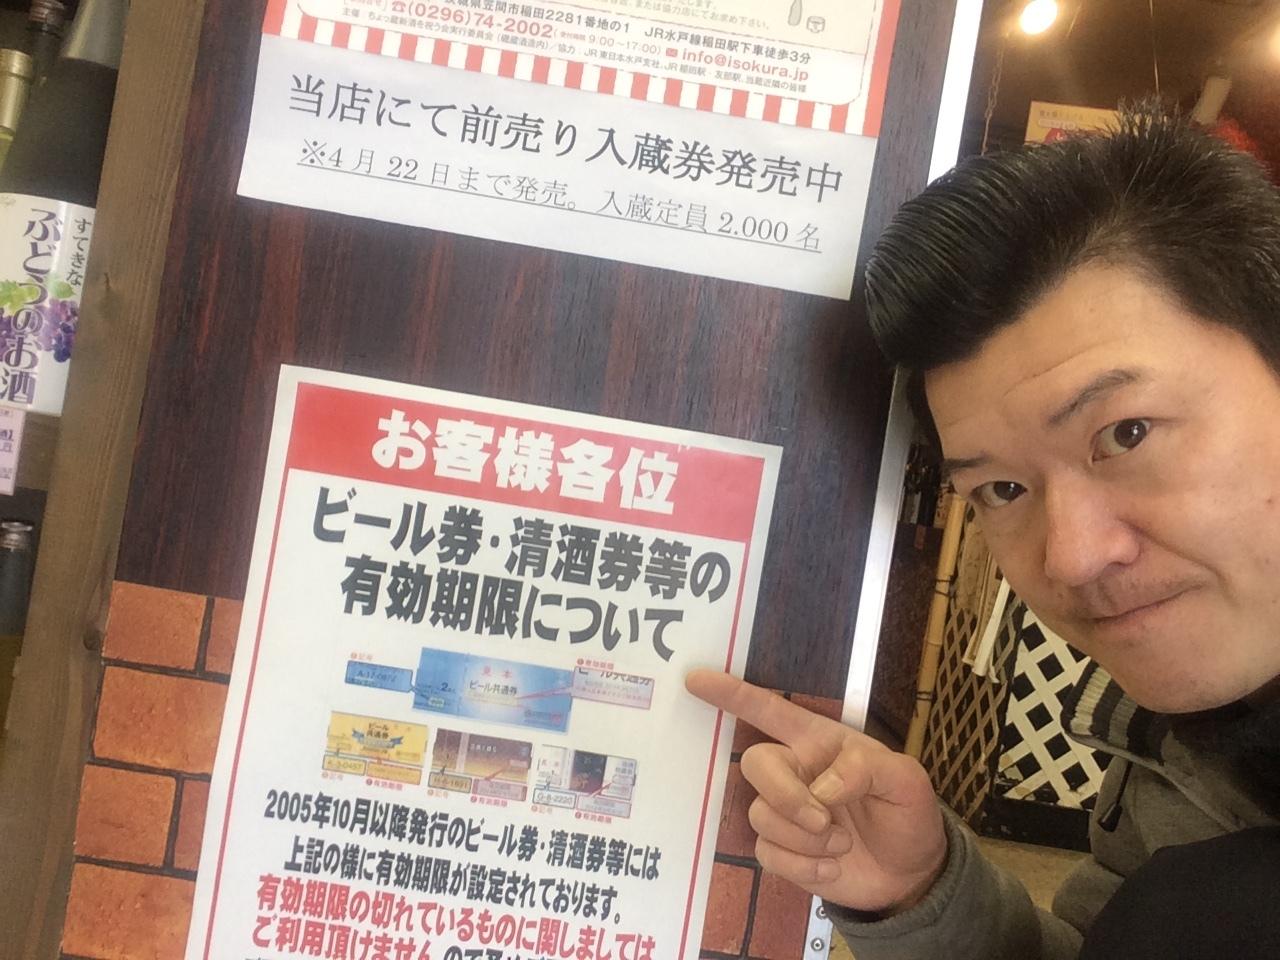 ☆限定酒、入荷!石川県・手取川「U Yoshidagura2017」山廃純米無濾過生原酒☆_c0175182_14265627.jpg